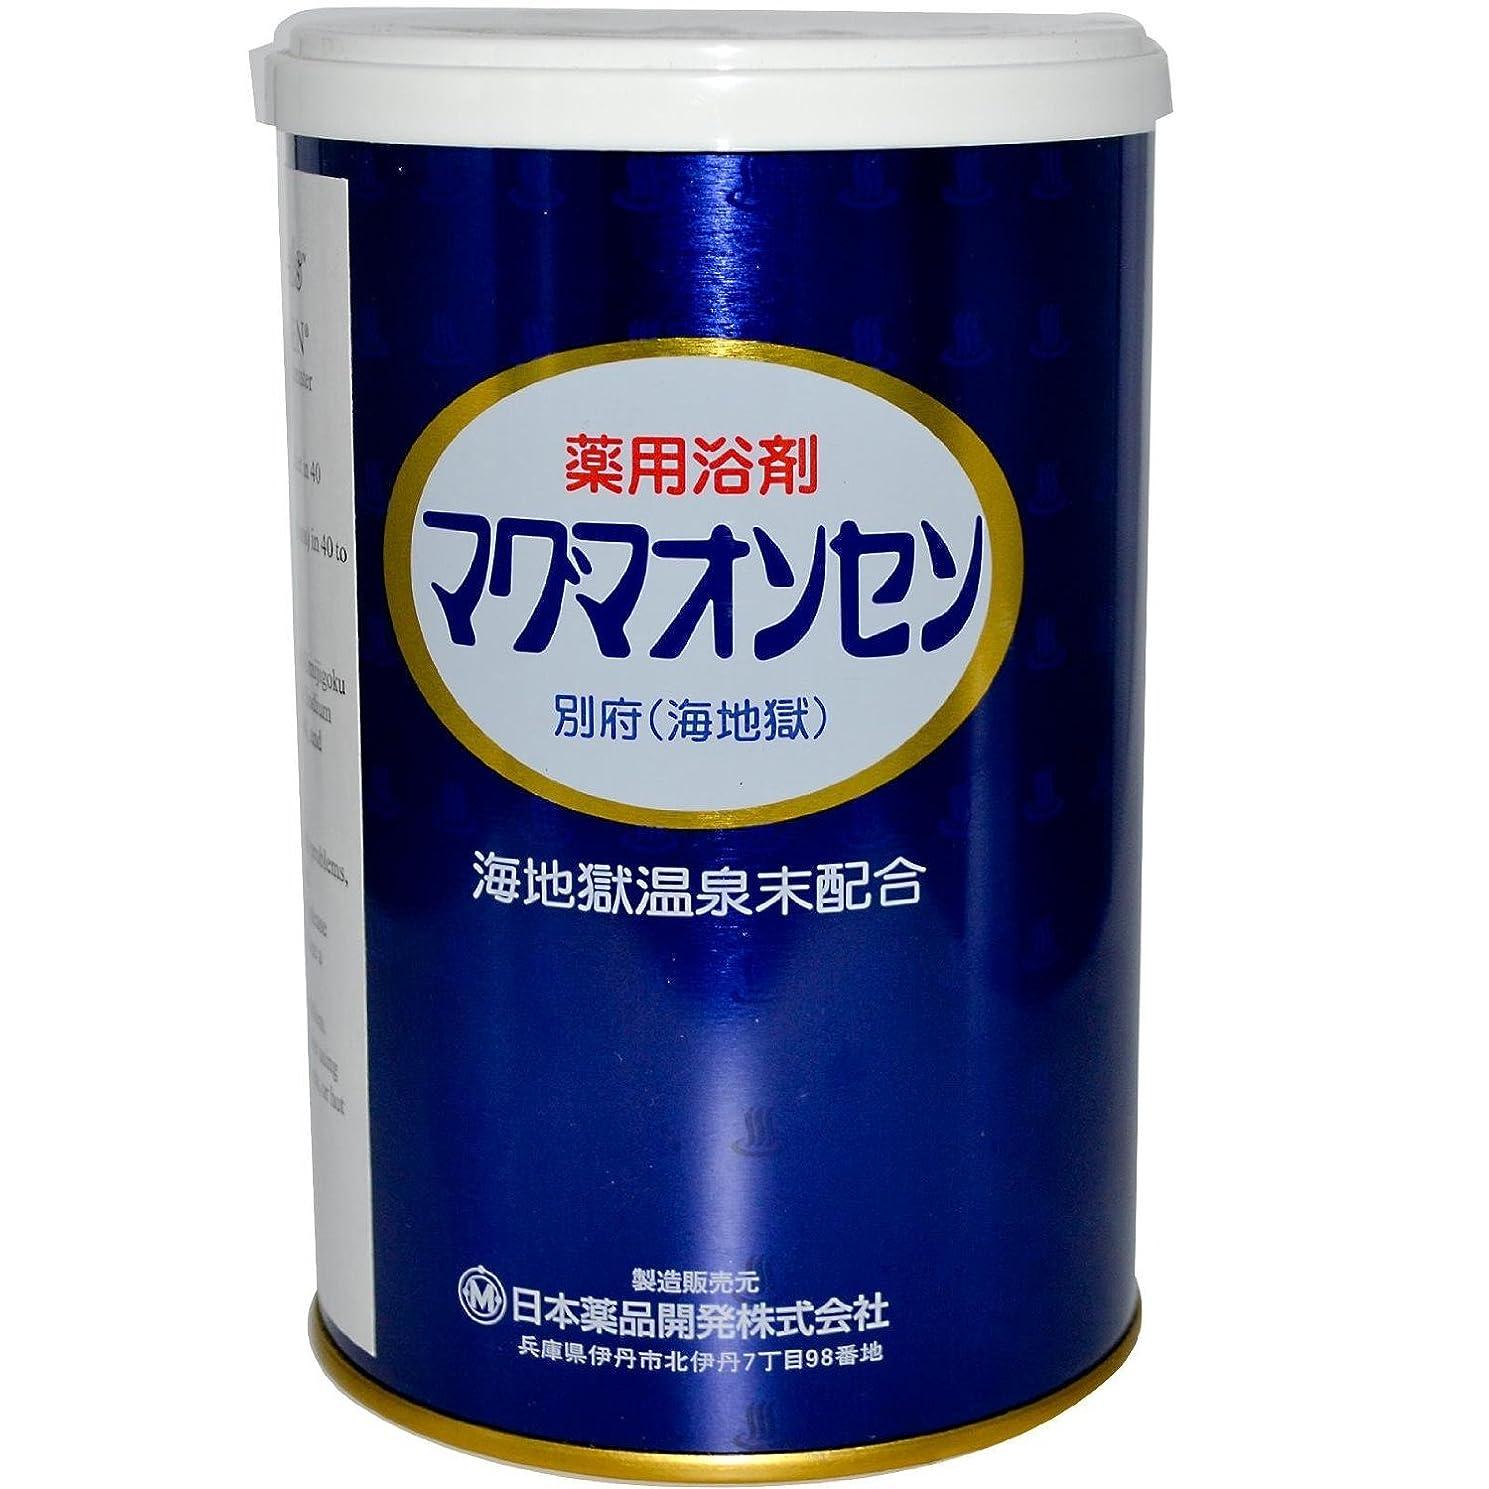 委員会人差し指寓話マグマオンセン別府(海地獄) 500g三缶